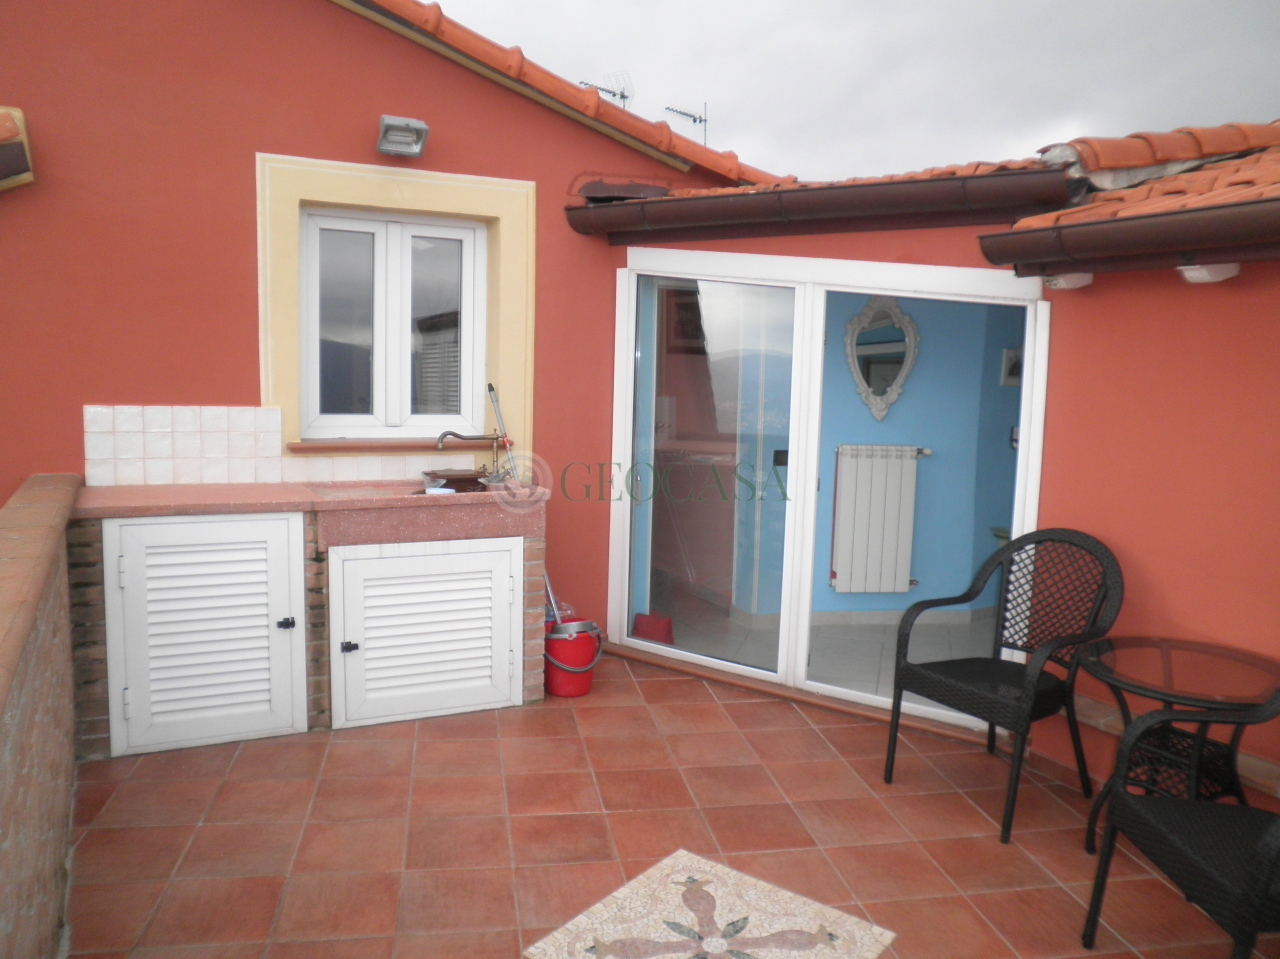 Attico / Mansarda in affitto a Vezzano Ligure, 2 locali, prezzo € 450 | Cambio Casa.it